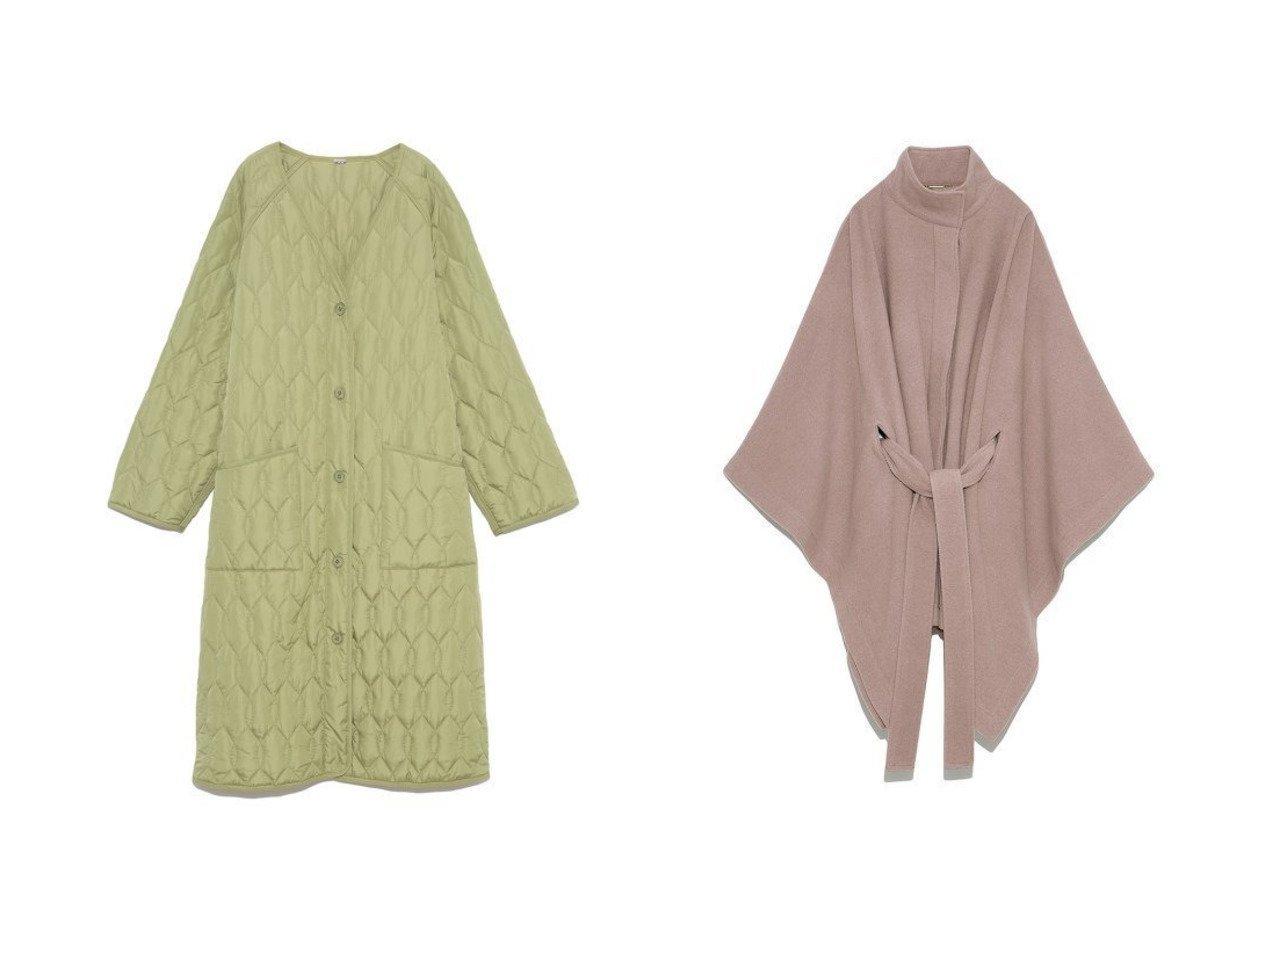 【Mila Owen/ミラオーウェン】のキルティングガウンコート&【SNIDEL/スナイデル】のスタンドカラーポンチョコート アウターのおすすめ!人気、レディースファッションの通販 おすすめで人気のファッション通販商品 インテリア・家具・キッズファッション・メンズファッション・レディースファッション・服の通販 founy(ファニー) https://founy.com/ ファッション Fashion レディース WOMEN アウター Coat Outerwear コート Coats ジャケット Jackets ノーカラージャケット No Collar Leather Jackets ポンチョ Ponchos インナー ジャケット スマート スリット 冬 Winter 秋 今季 シンプル スタンド トレンド バランス パイピング フレア リュクス ロング  ID:crp329100000001656